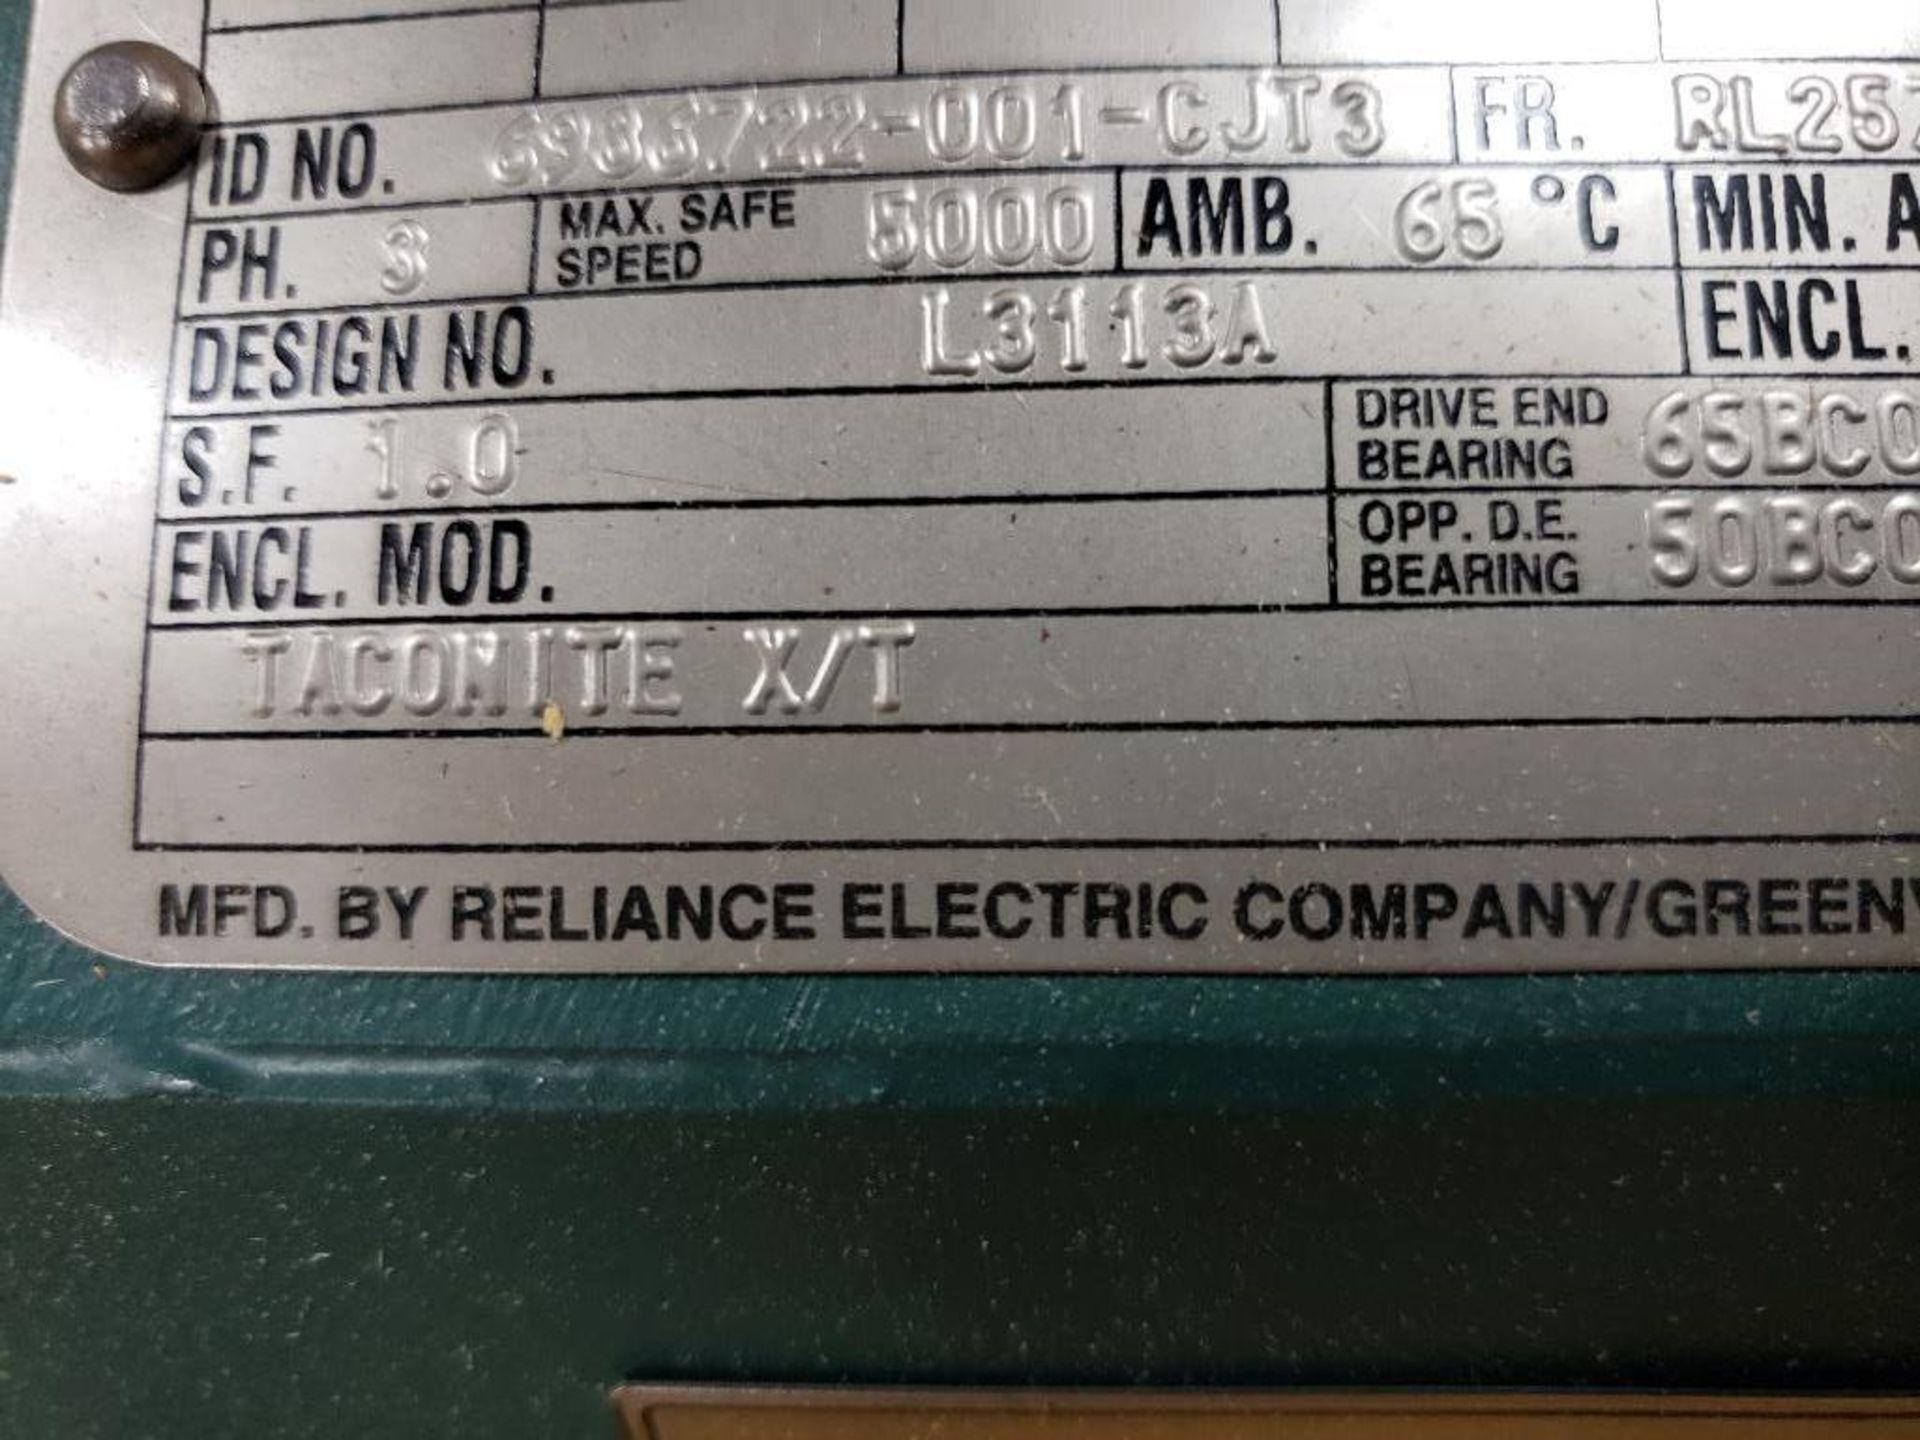 30kW Siemens 3PH Motor. 6986722-001-CJT3. 280V, 3550RM, RL2570Z-Frame. - Image 6 of 10